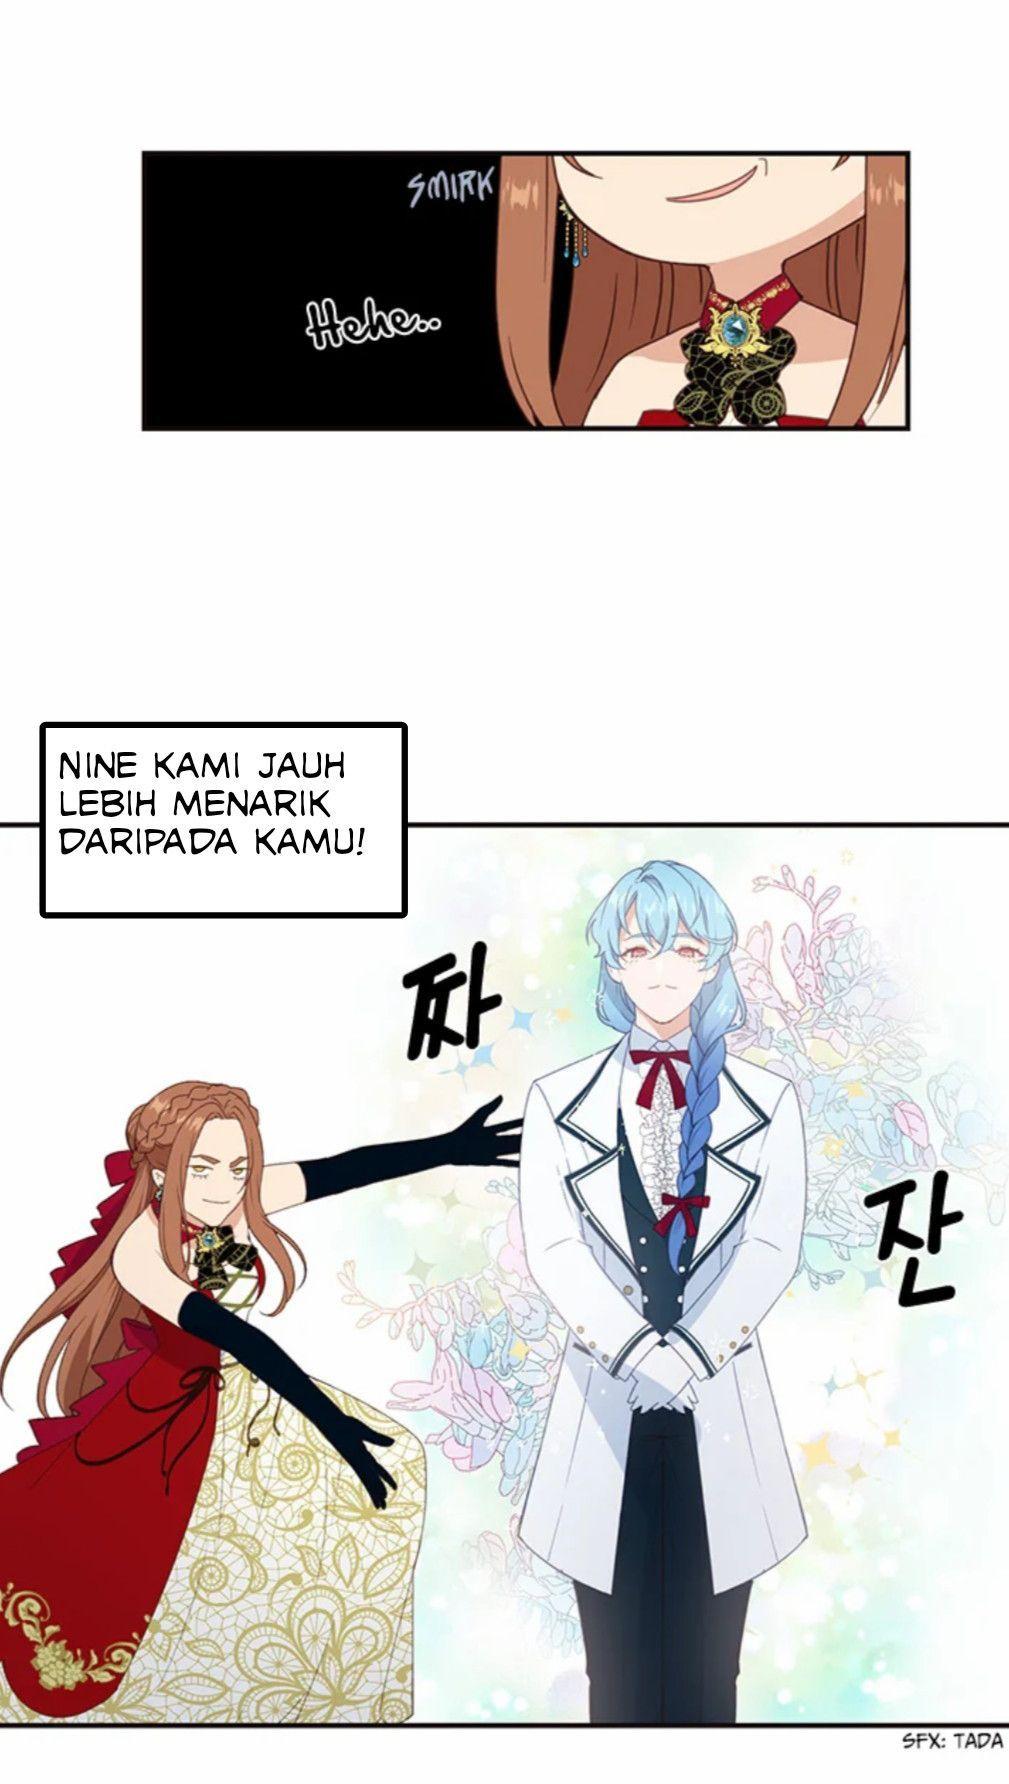 (mencoba mentranslate sebuah manhwa yang menurutku lucu